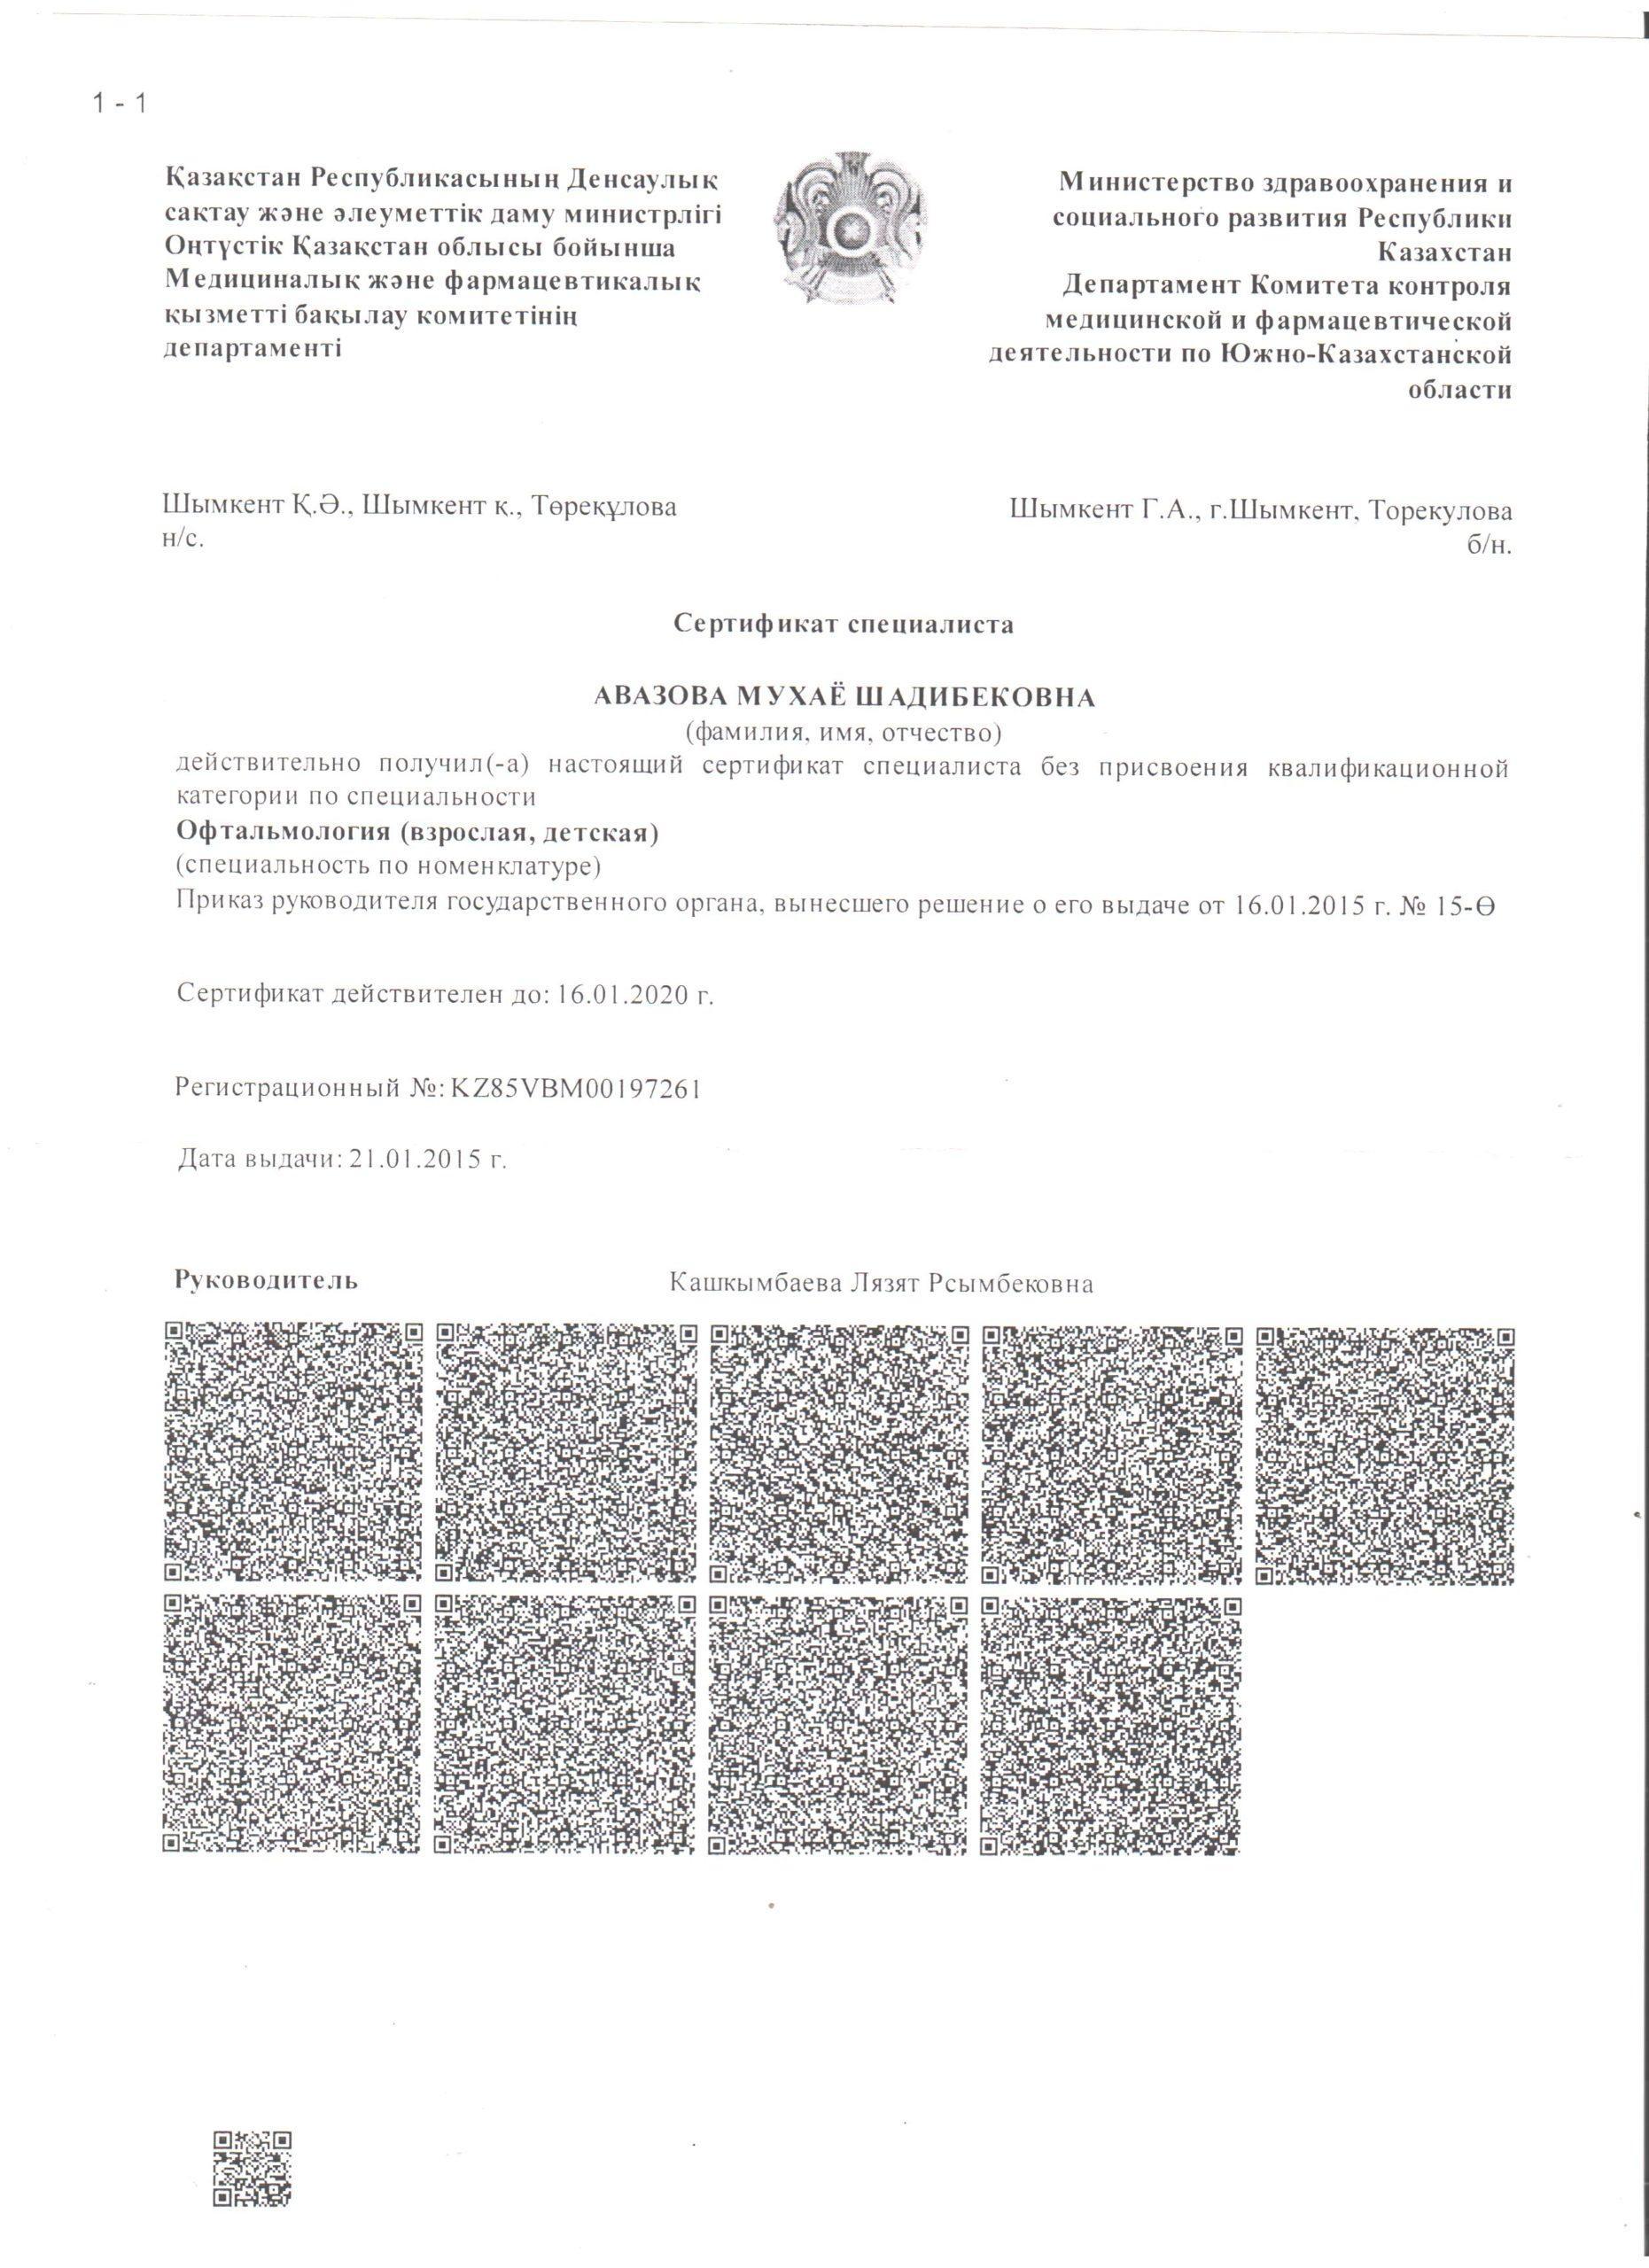 Сертификат Окулиста клиники Akniet Shipa сайрамский р-н. с. Карабулак